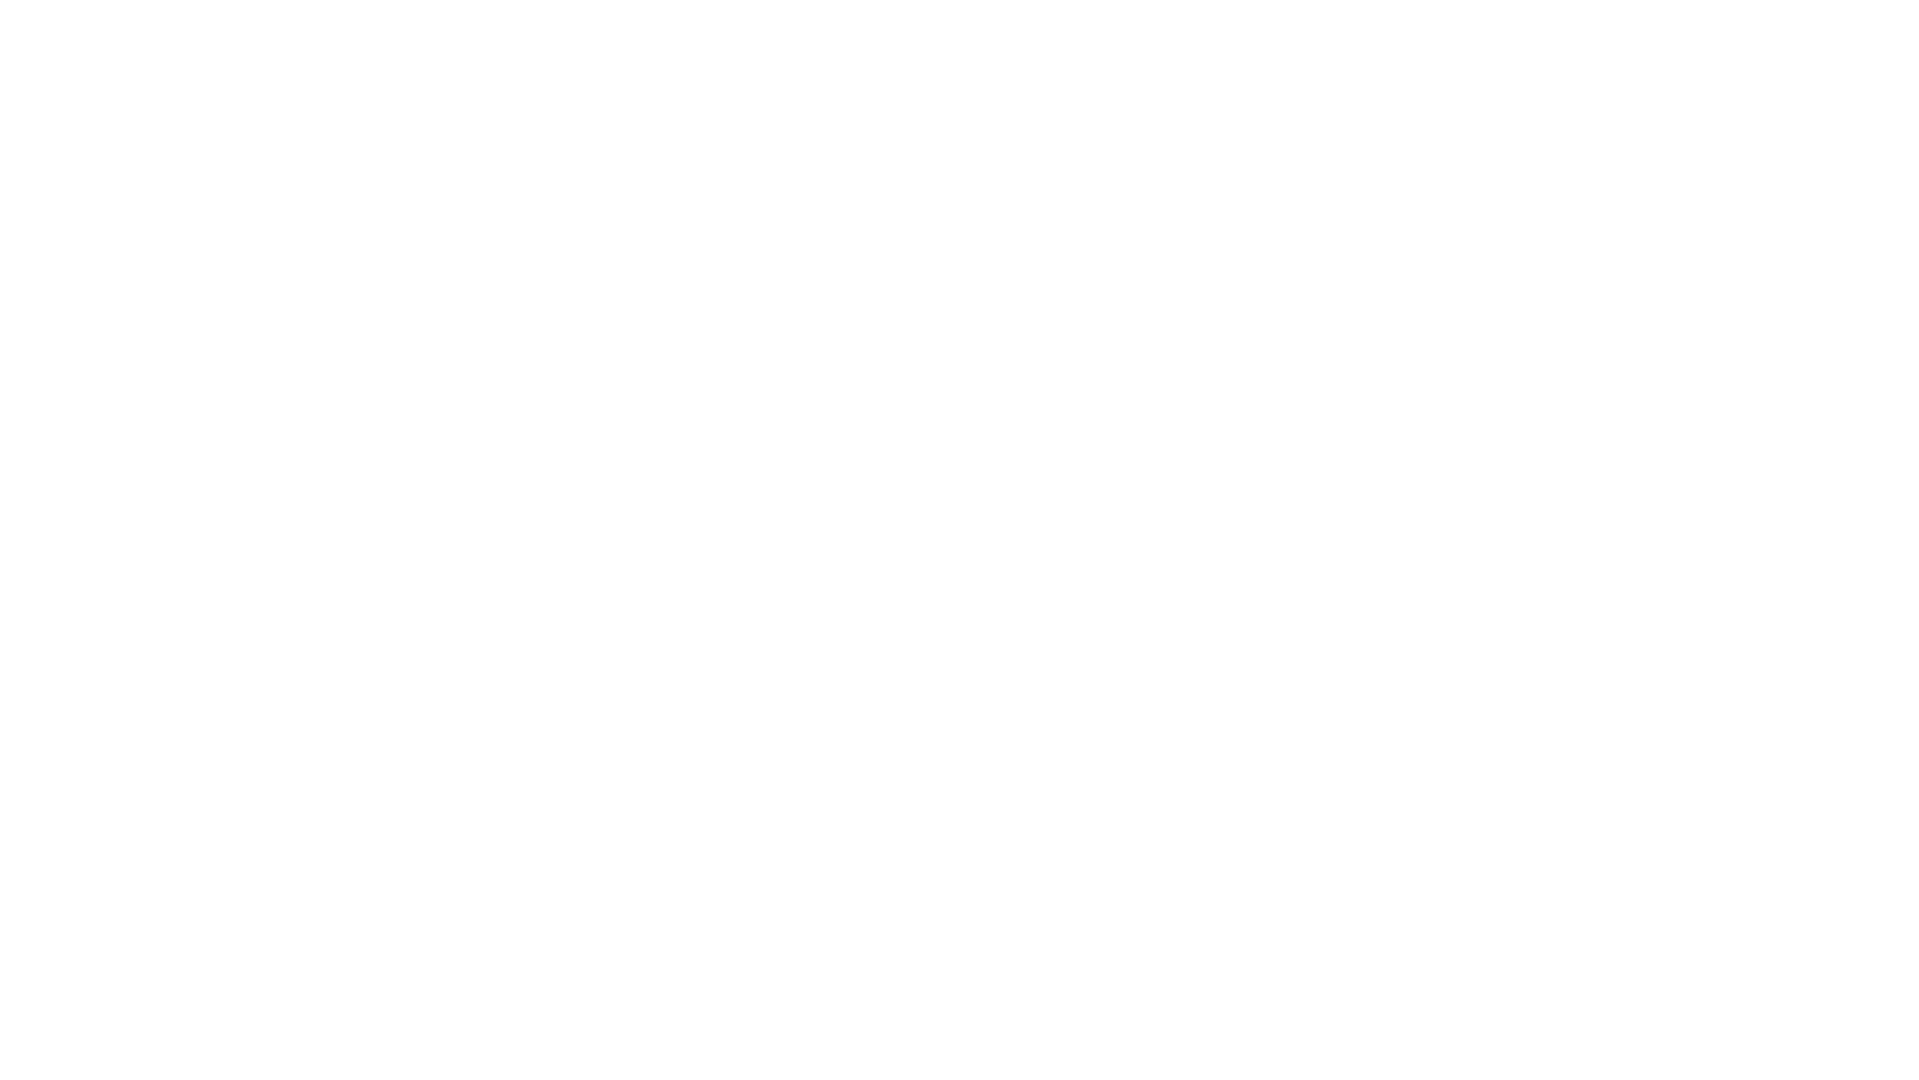 Ingress's Umbra anomaly logo